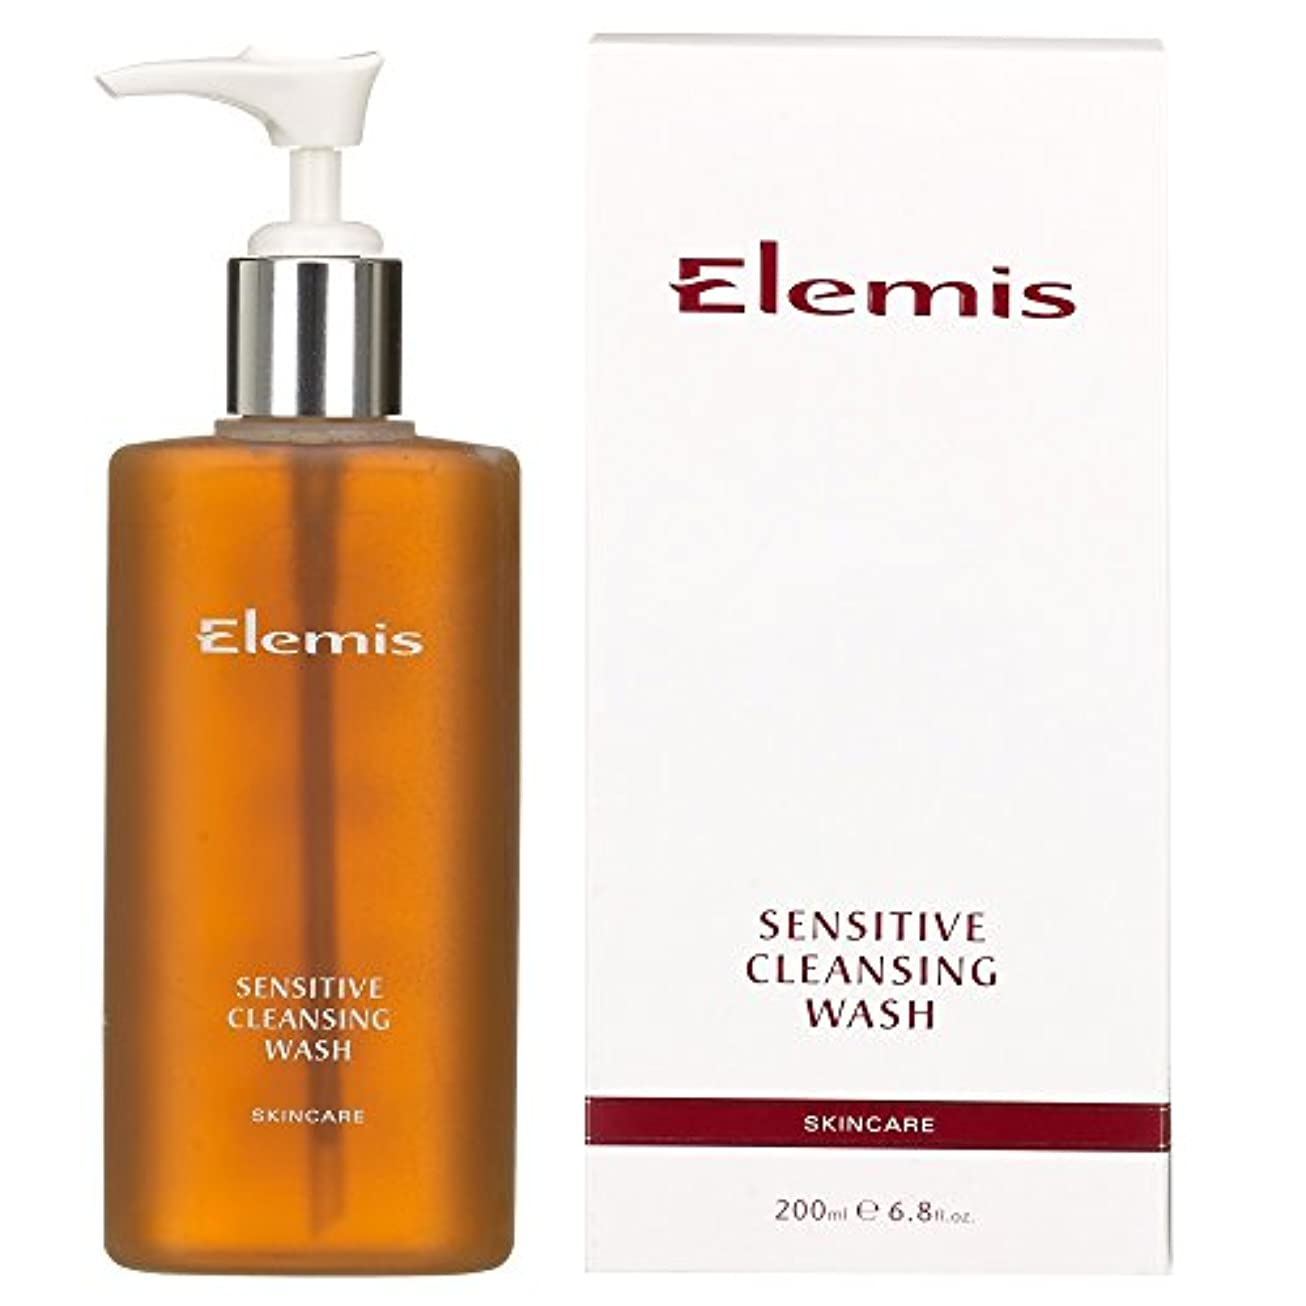 金額化合物難しいエレミスは敏感クレンジングウォッシュをスキンケア (Elemis) - Elemis Skincare Sensitive Cleansing Wash [並行輸入品]